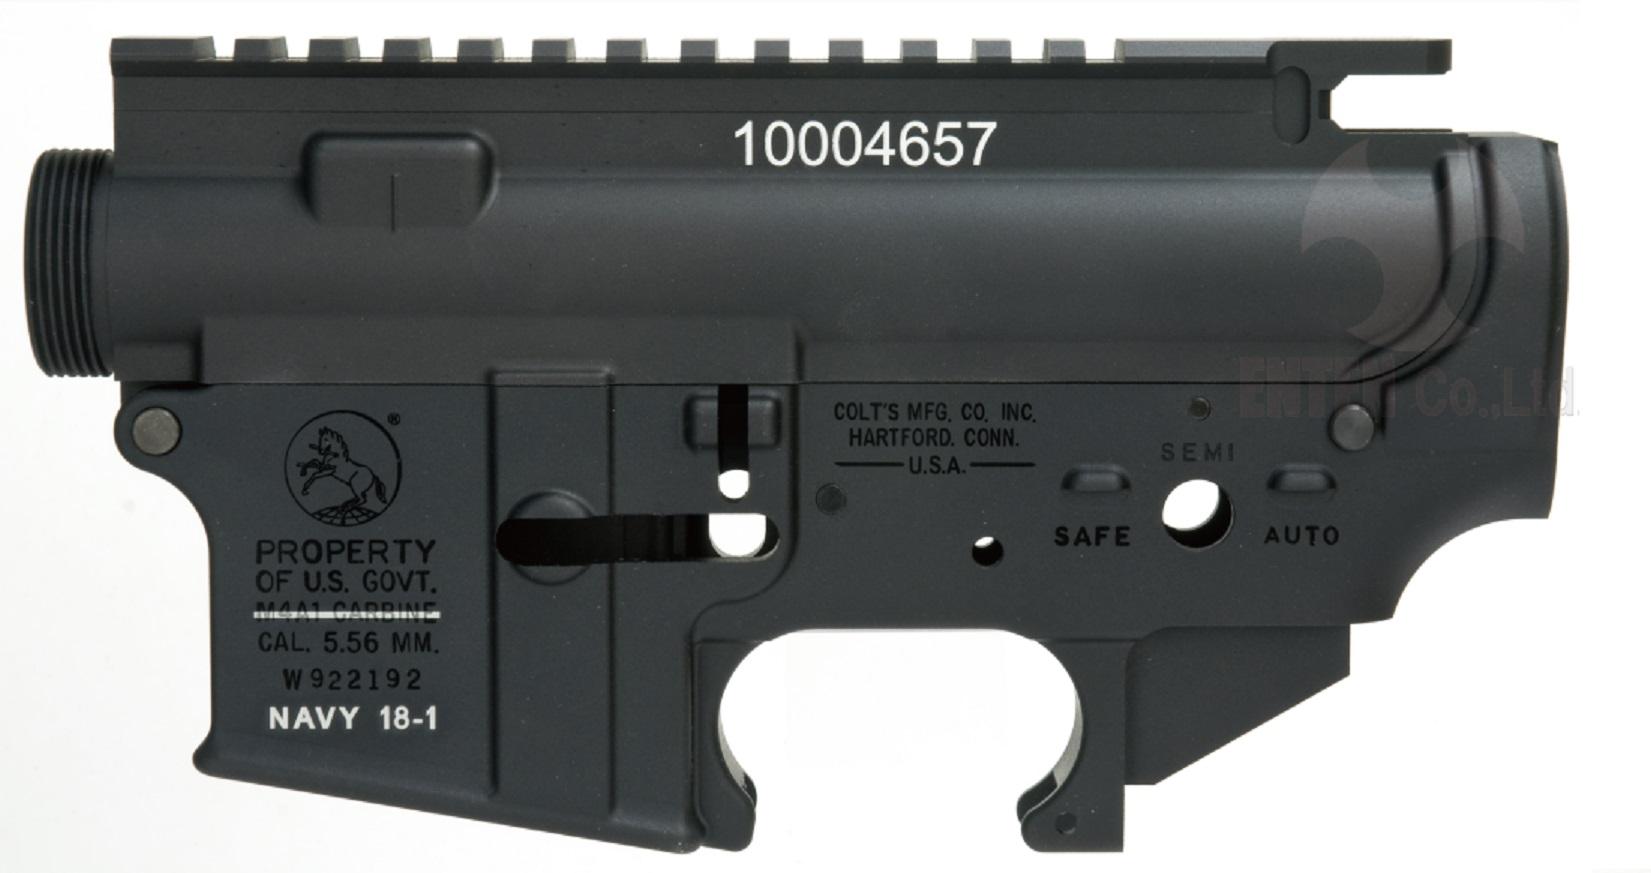 ANGRY GUN マルイM4MWS対応 MK18 MOD.1 レシーバーセット (ロールスタンプ仕様/6061-T6アルミ)